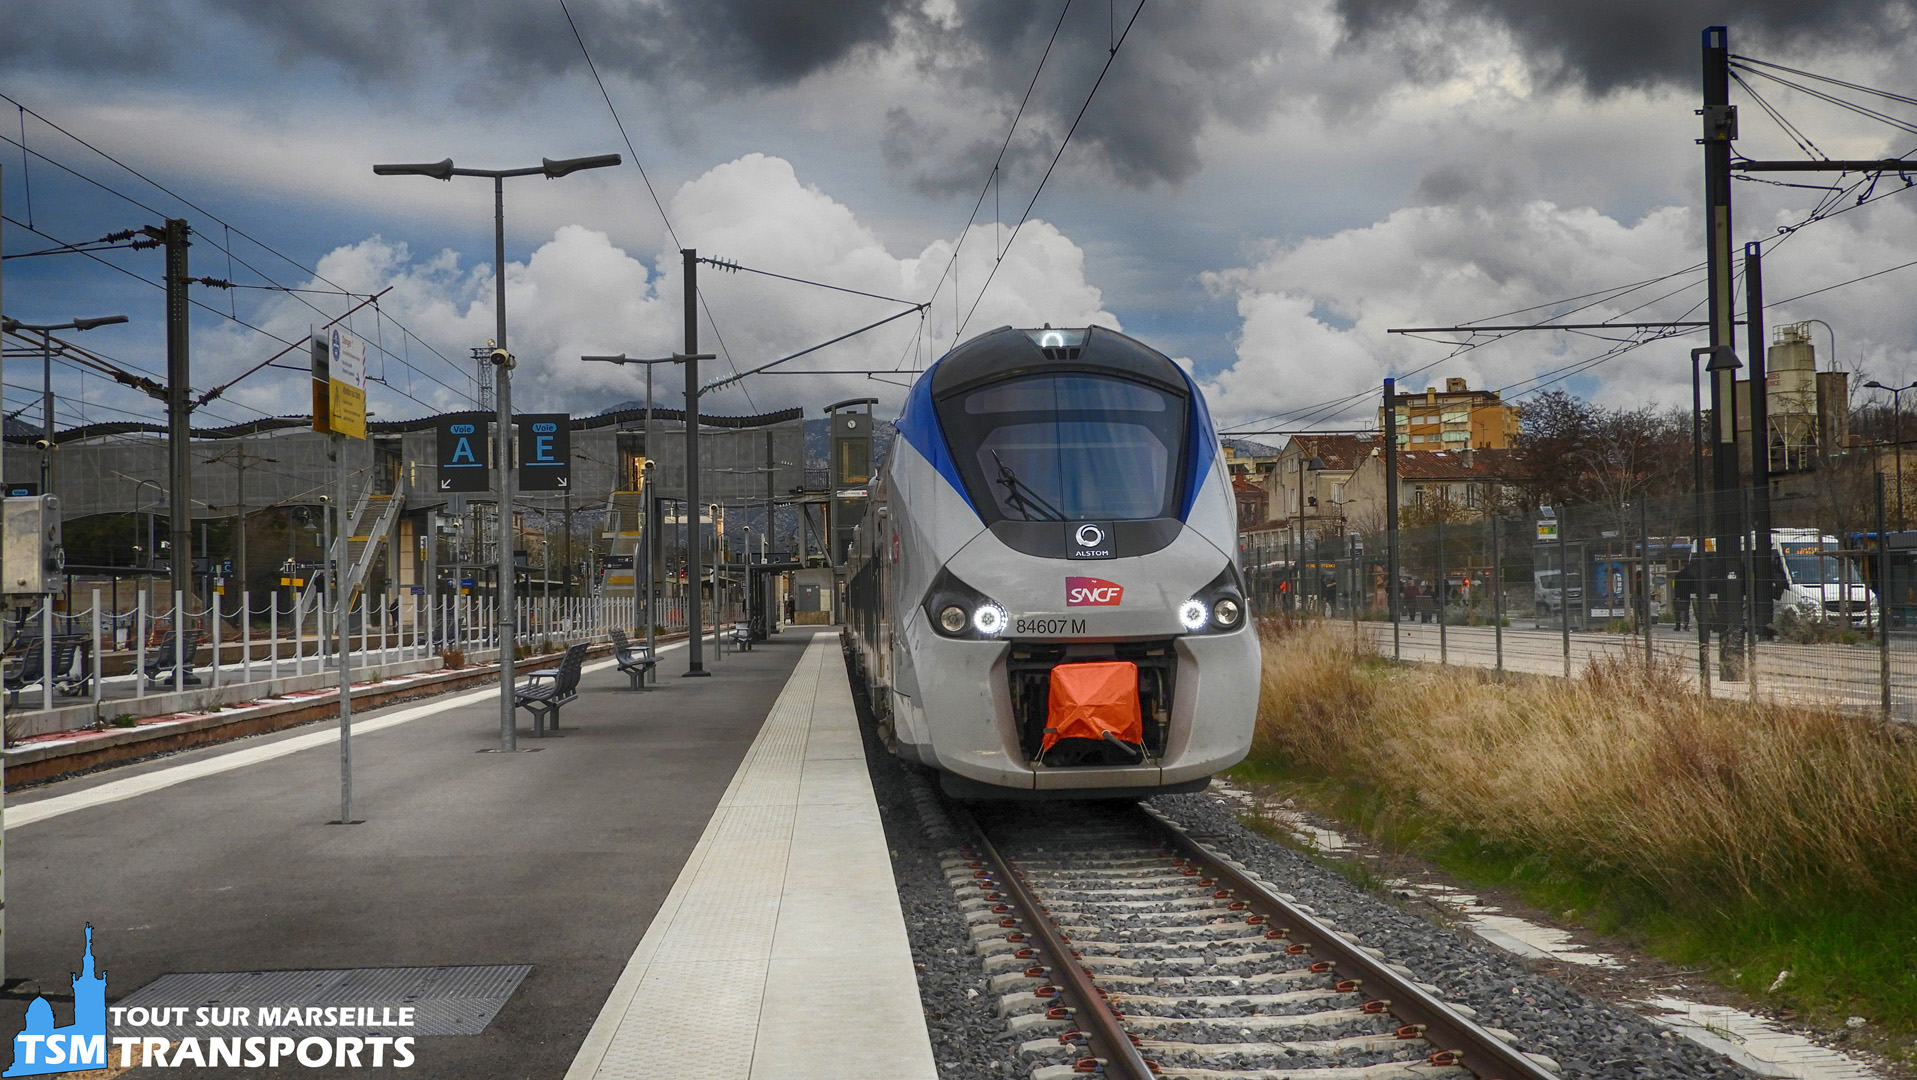 Alstom Régiolis B84607 M à la gare d'Aubagne